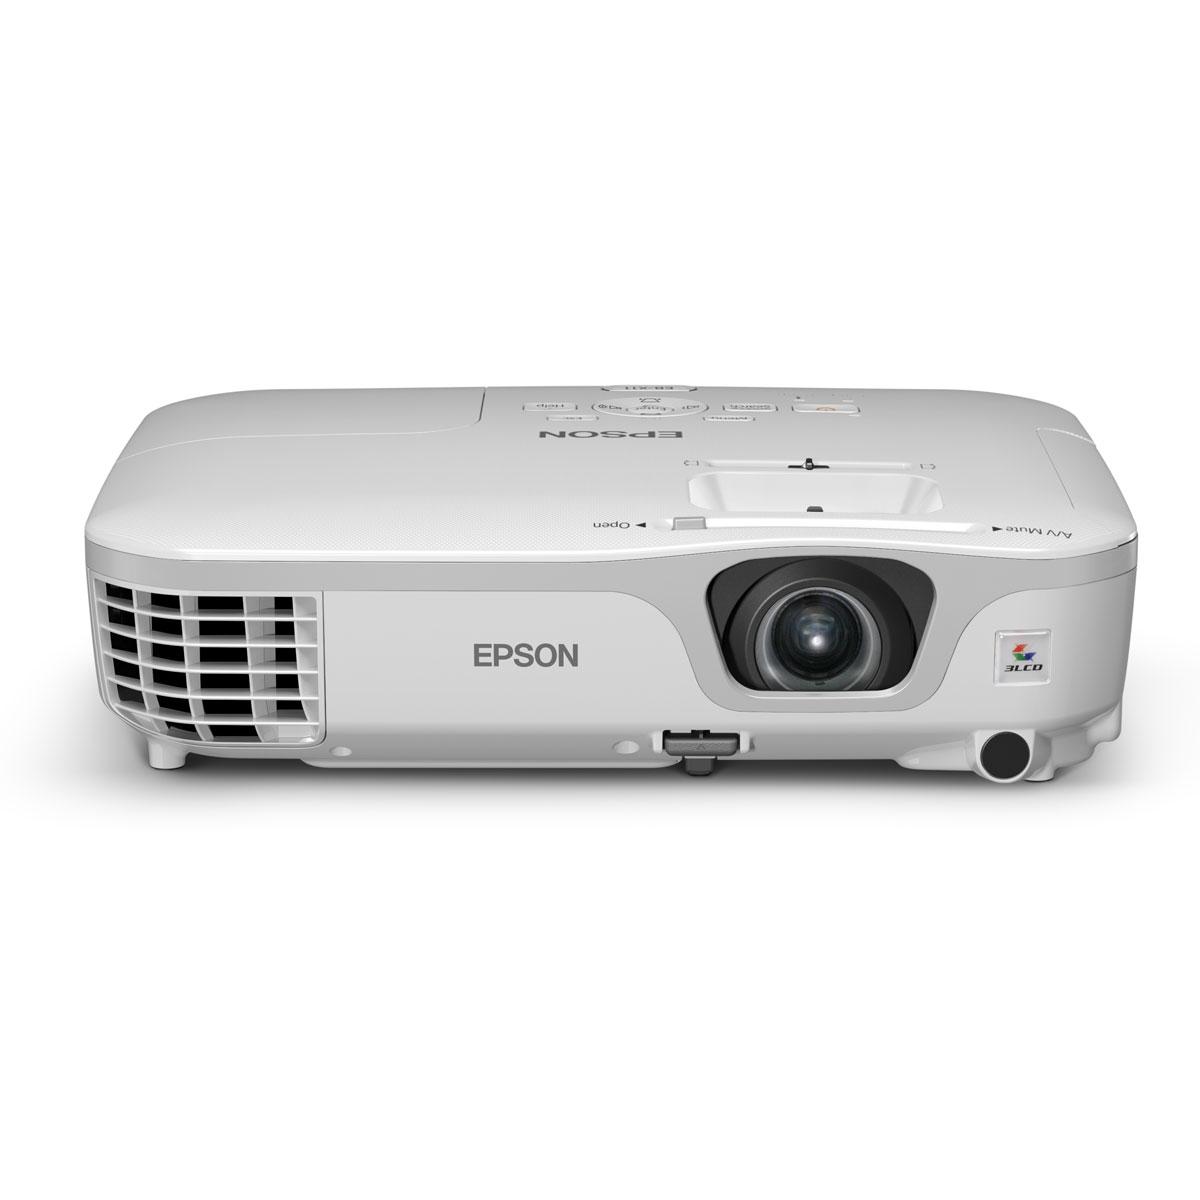 Epson eb s11 vid oprojecteur epson sur - Support plafond videoprojecteur epson ...